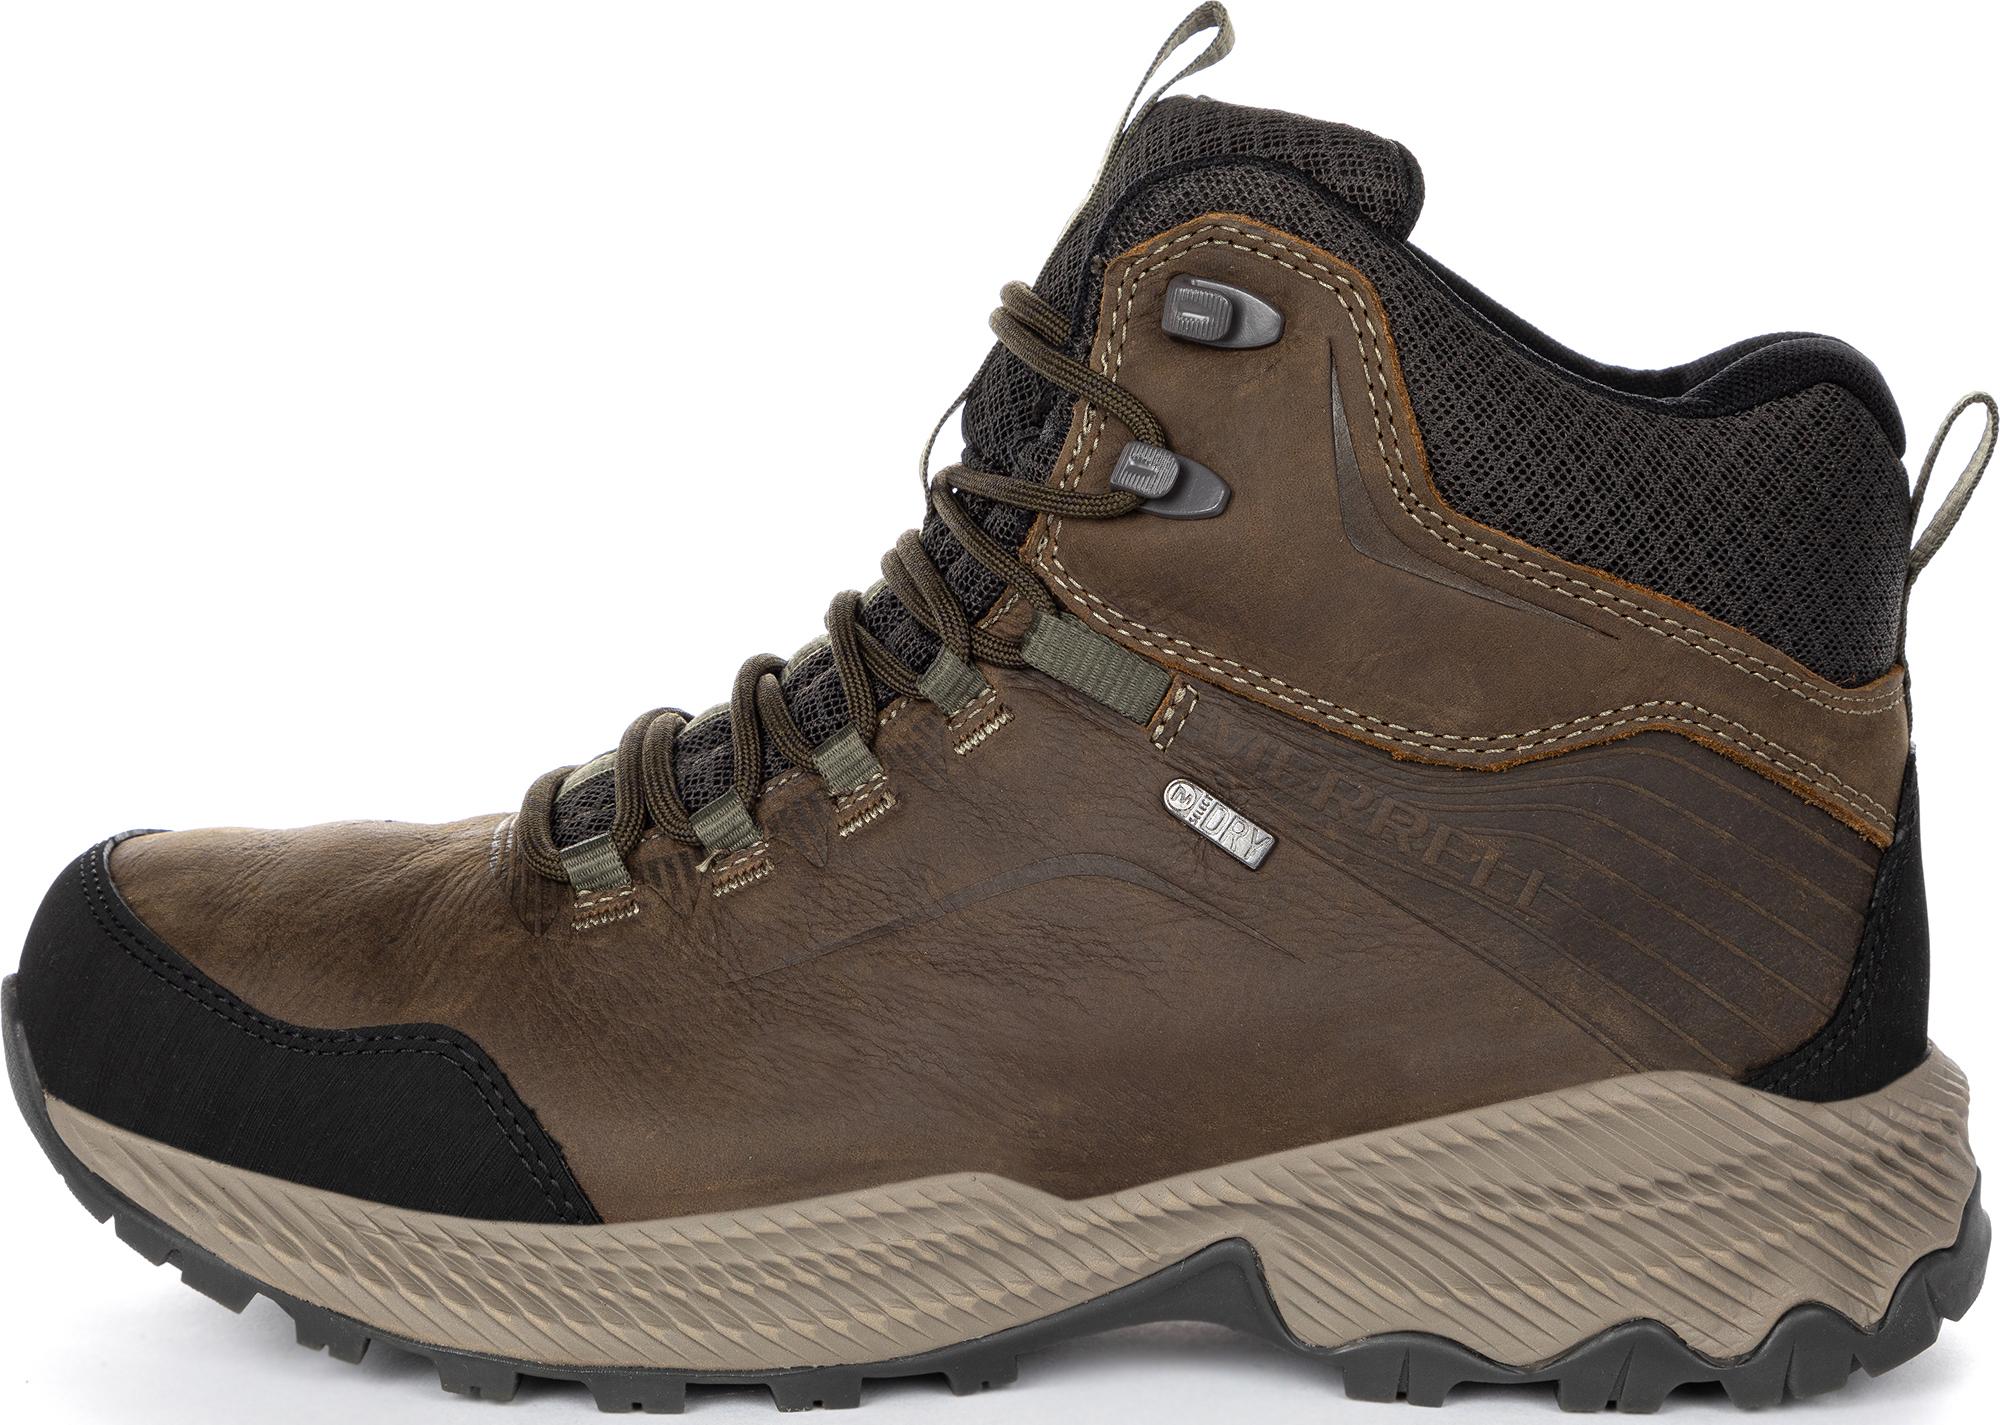 Merrell Ботинки мужские Forestbound WP, размер 46